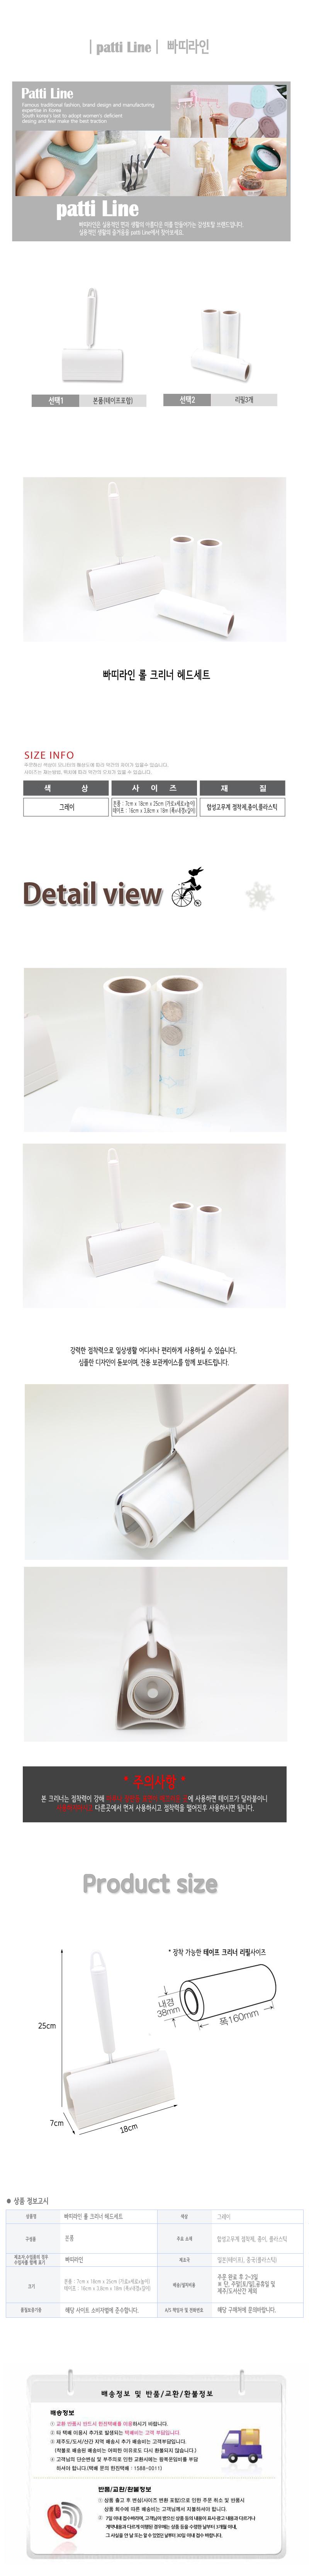 롤 크리너 헤드세트(본품+리필3개) - 빠띠빠띠, 5,900원, 청소도구, 테이프 크리너